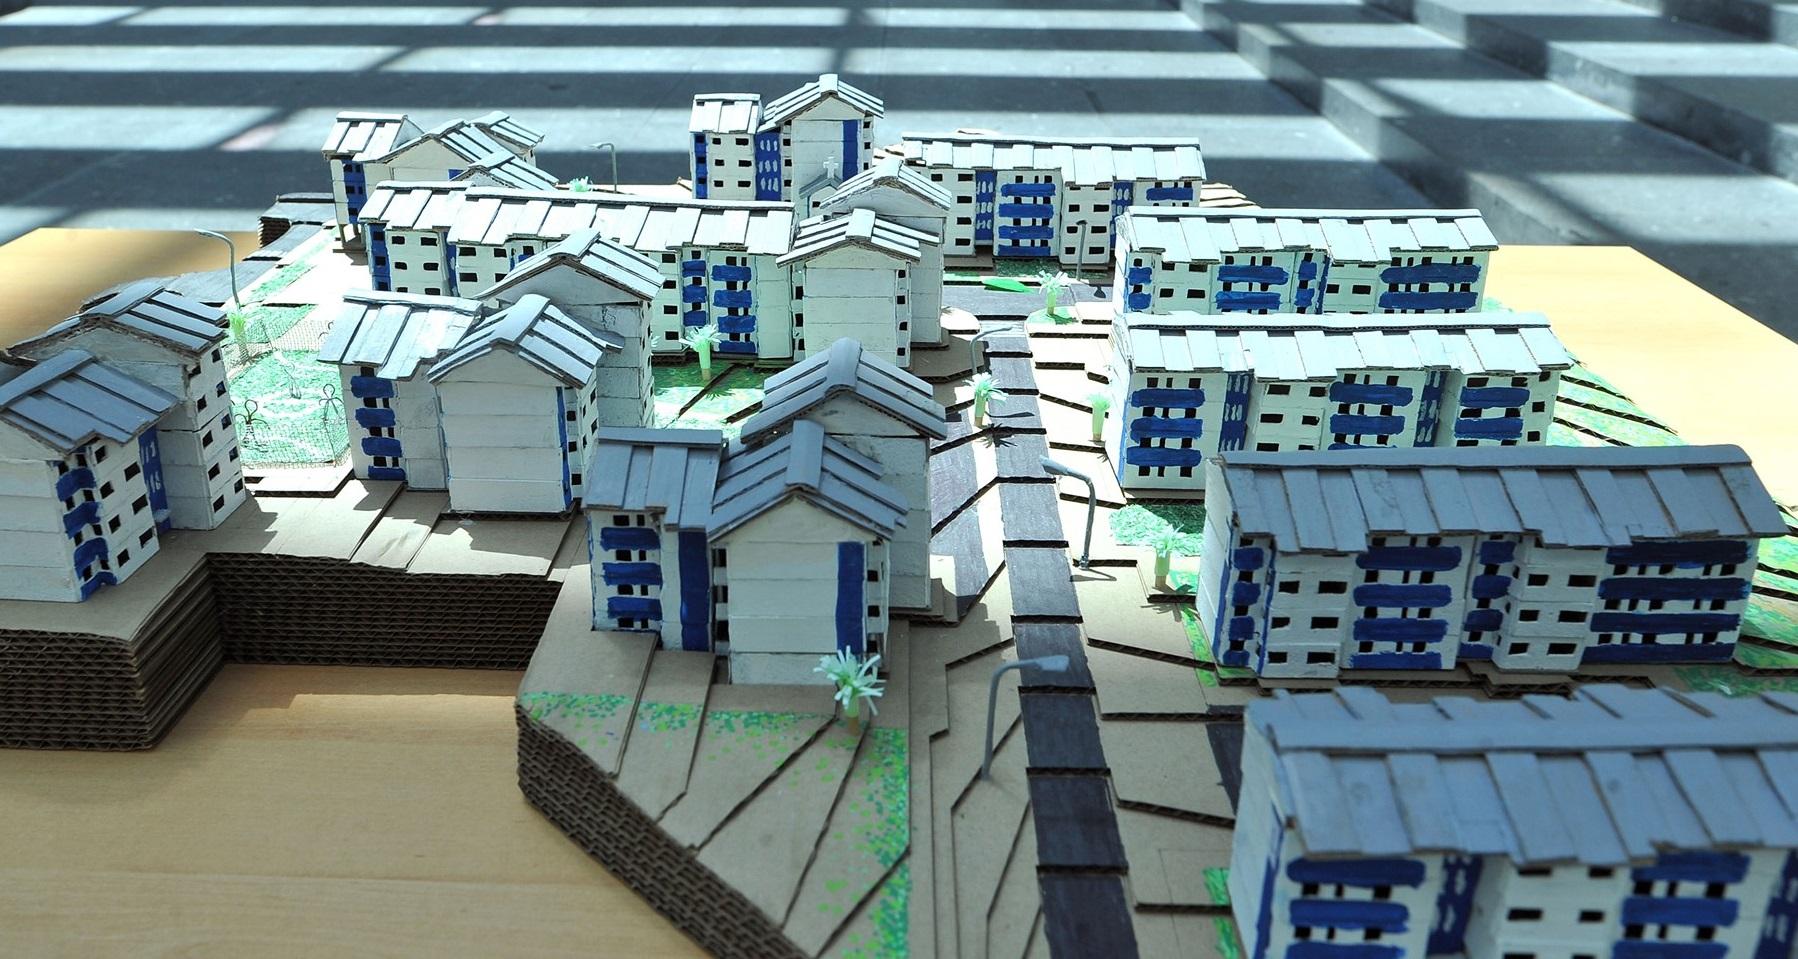 Câmara de Braga constrói 103 habitações, mas PS e CDU querem Estratégia de Habitação mais ampla